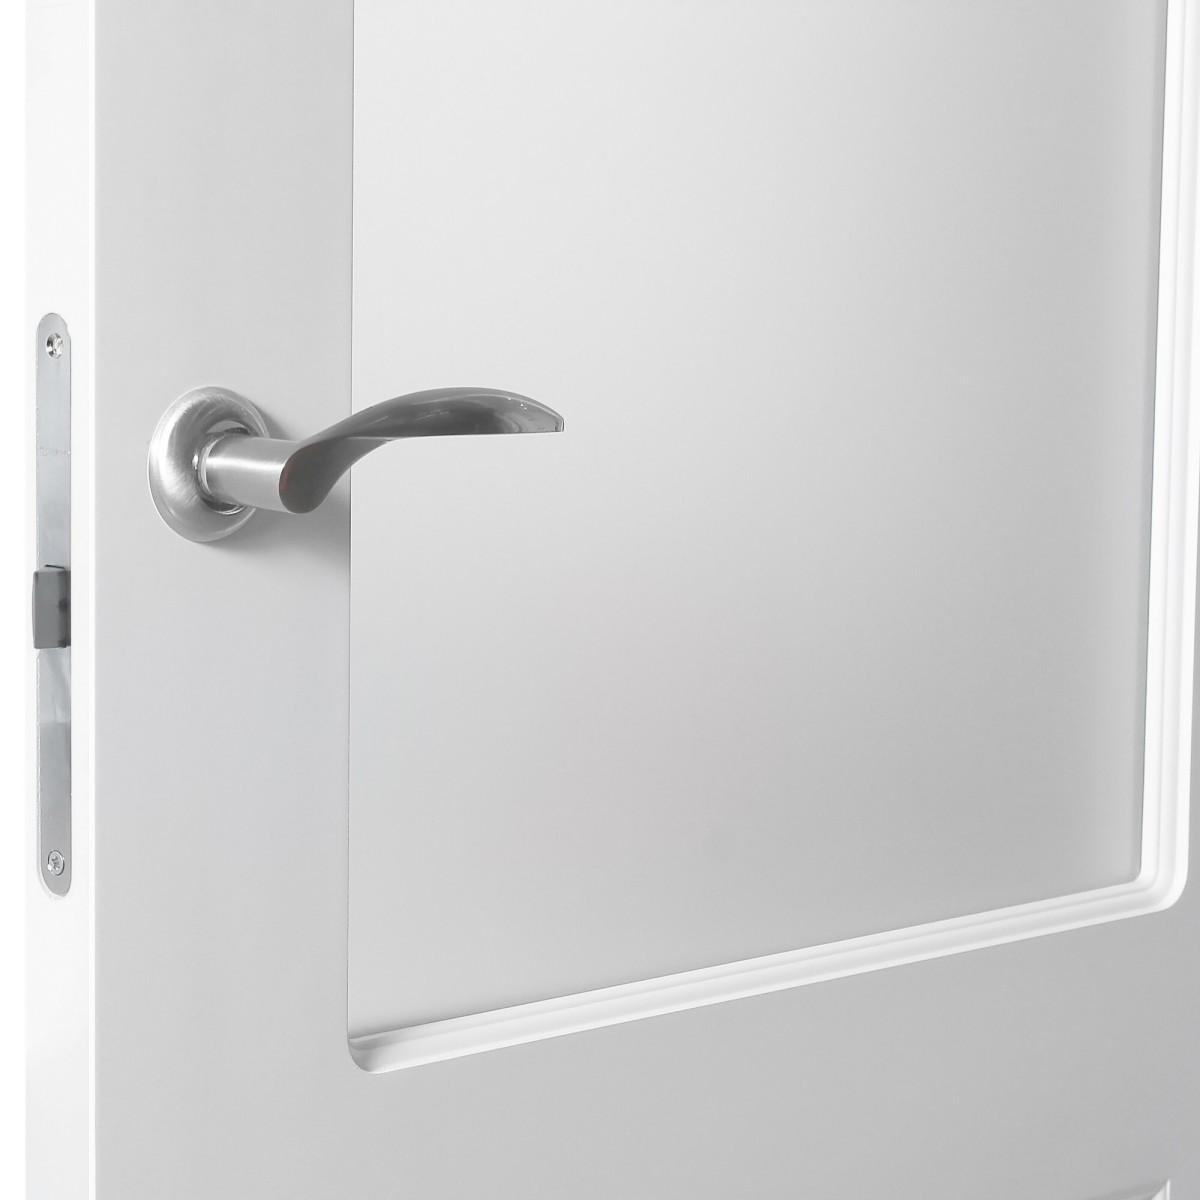 Дверь Межкомнатная Остеклённая Австралия 80x200 Цвет Белый